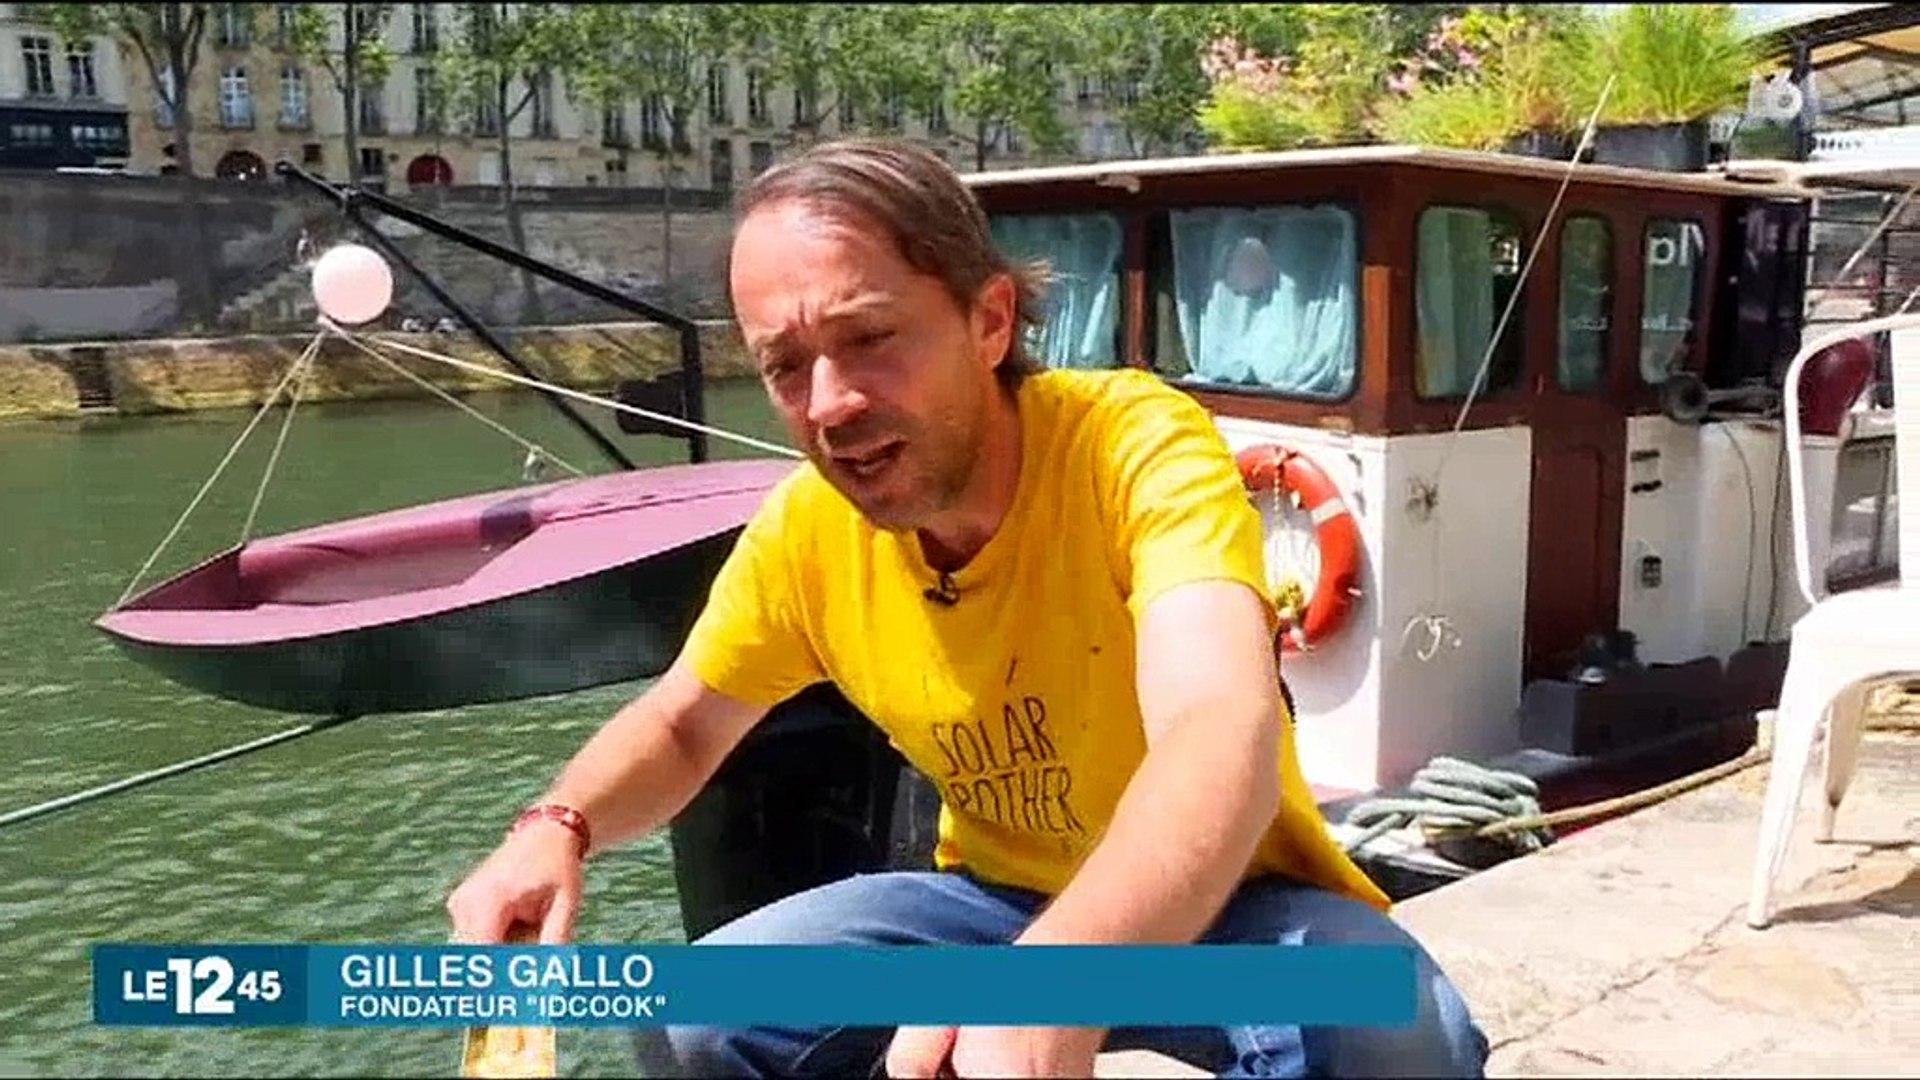 Barbecue : Un homme invente un four solaire à amener pour le pique-nique ! Regardez